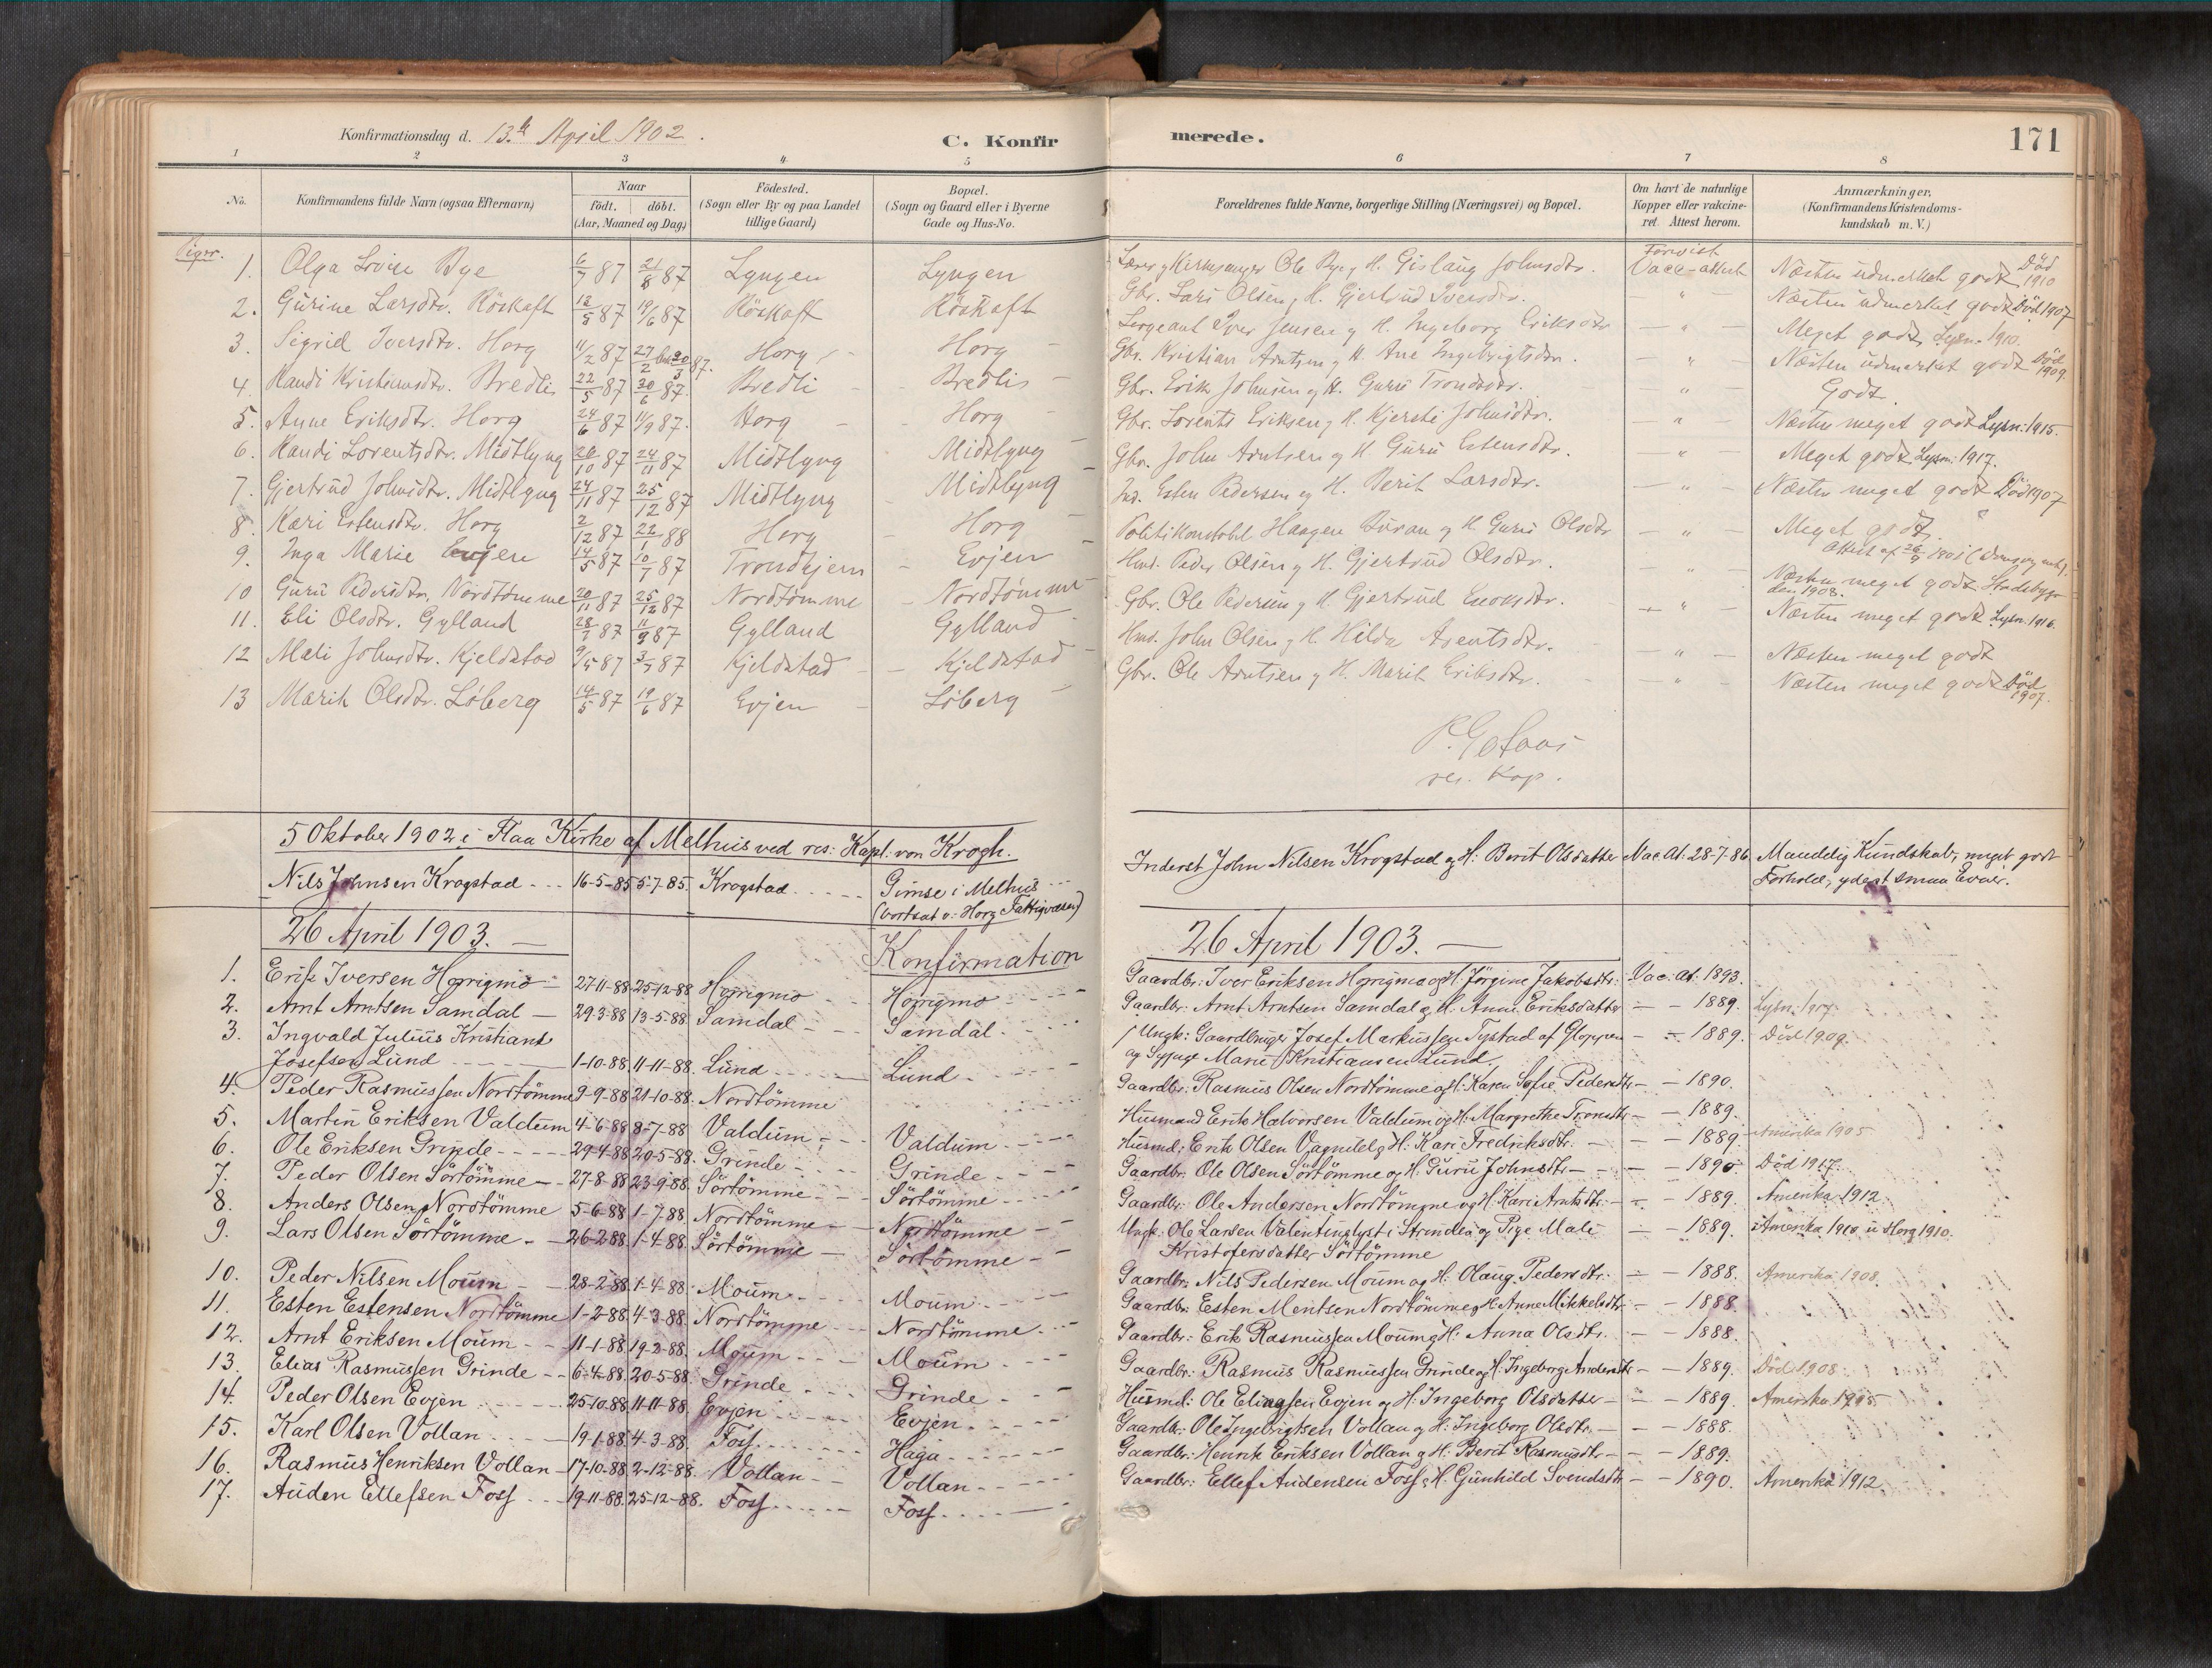 SAT, Ministerialprotokoller, klokkerbøker og fødselsregistre - Sør-Trøndelag, 692/L1105b: Ministerialbok nr. 692A06, 1891-1934, s. 171